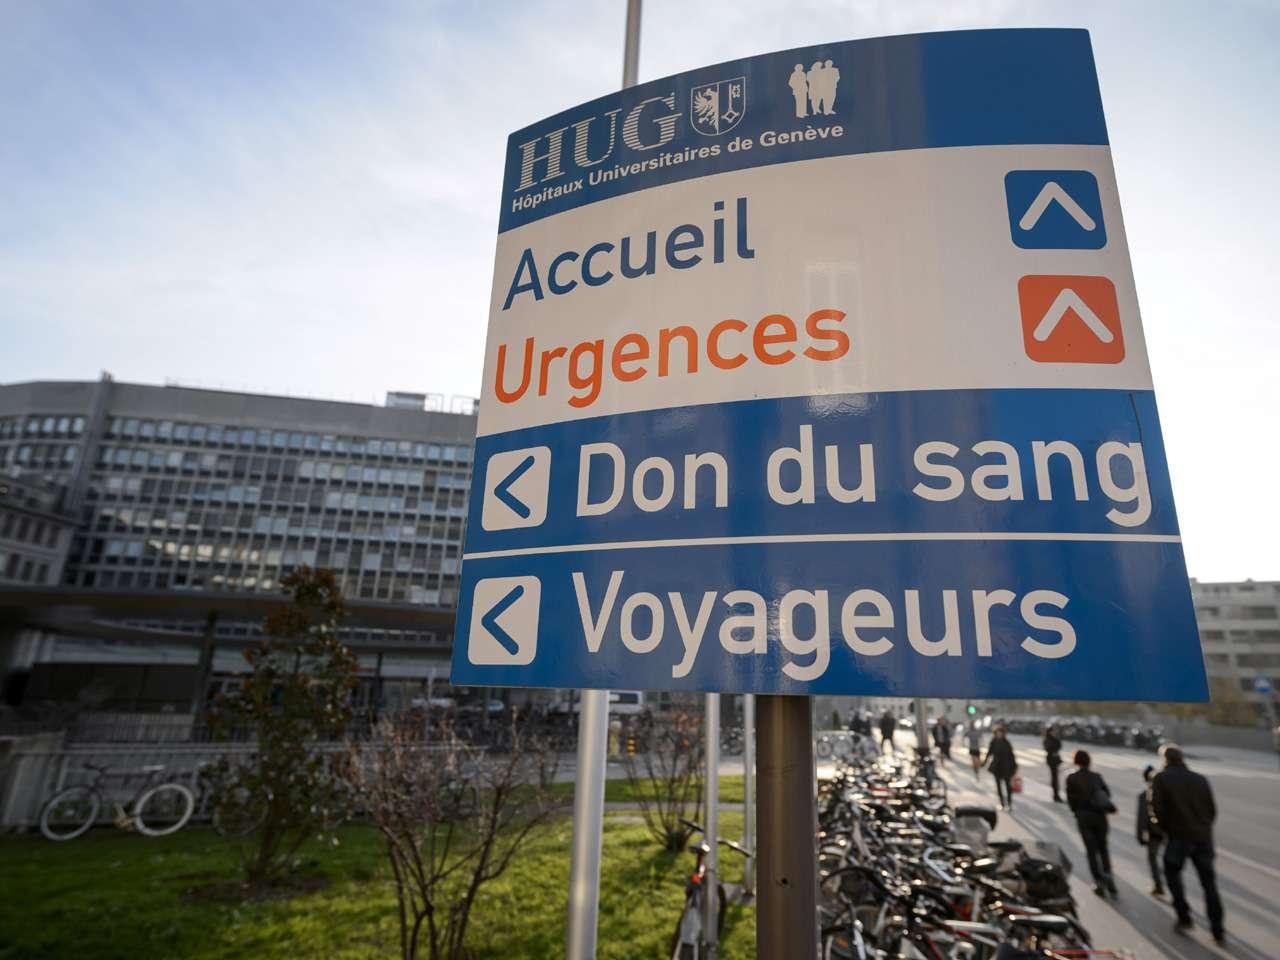 La OMS ha asumido los gastos totales de su hospitalización y tratamiento. Foto: AFP en español